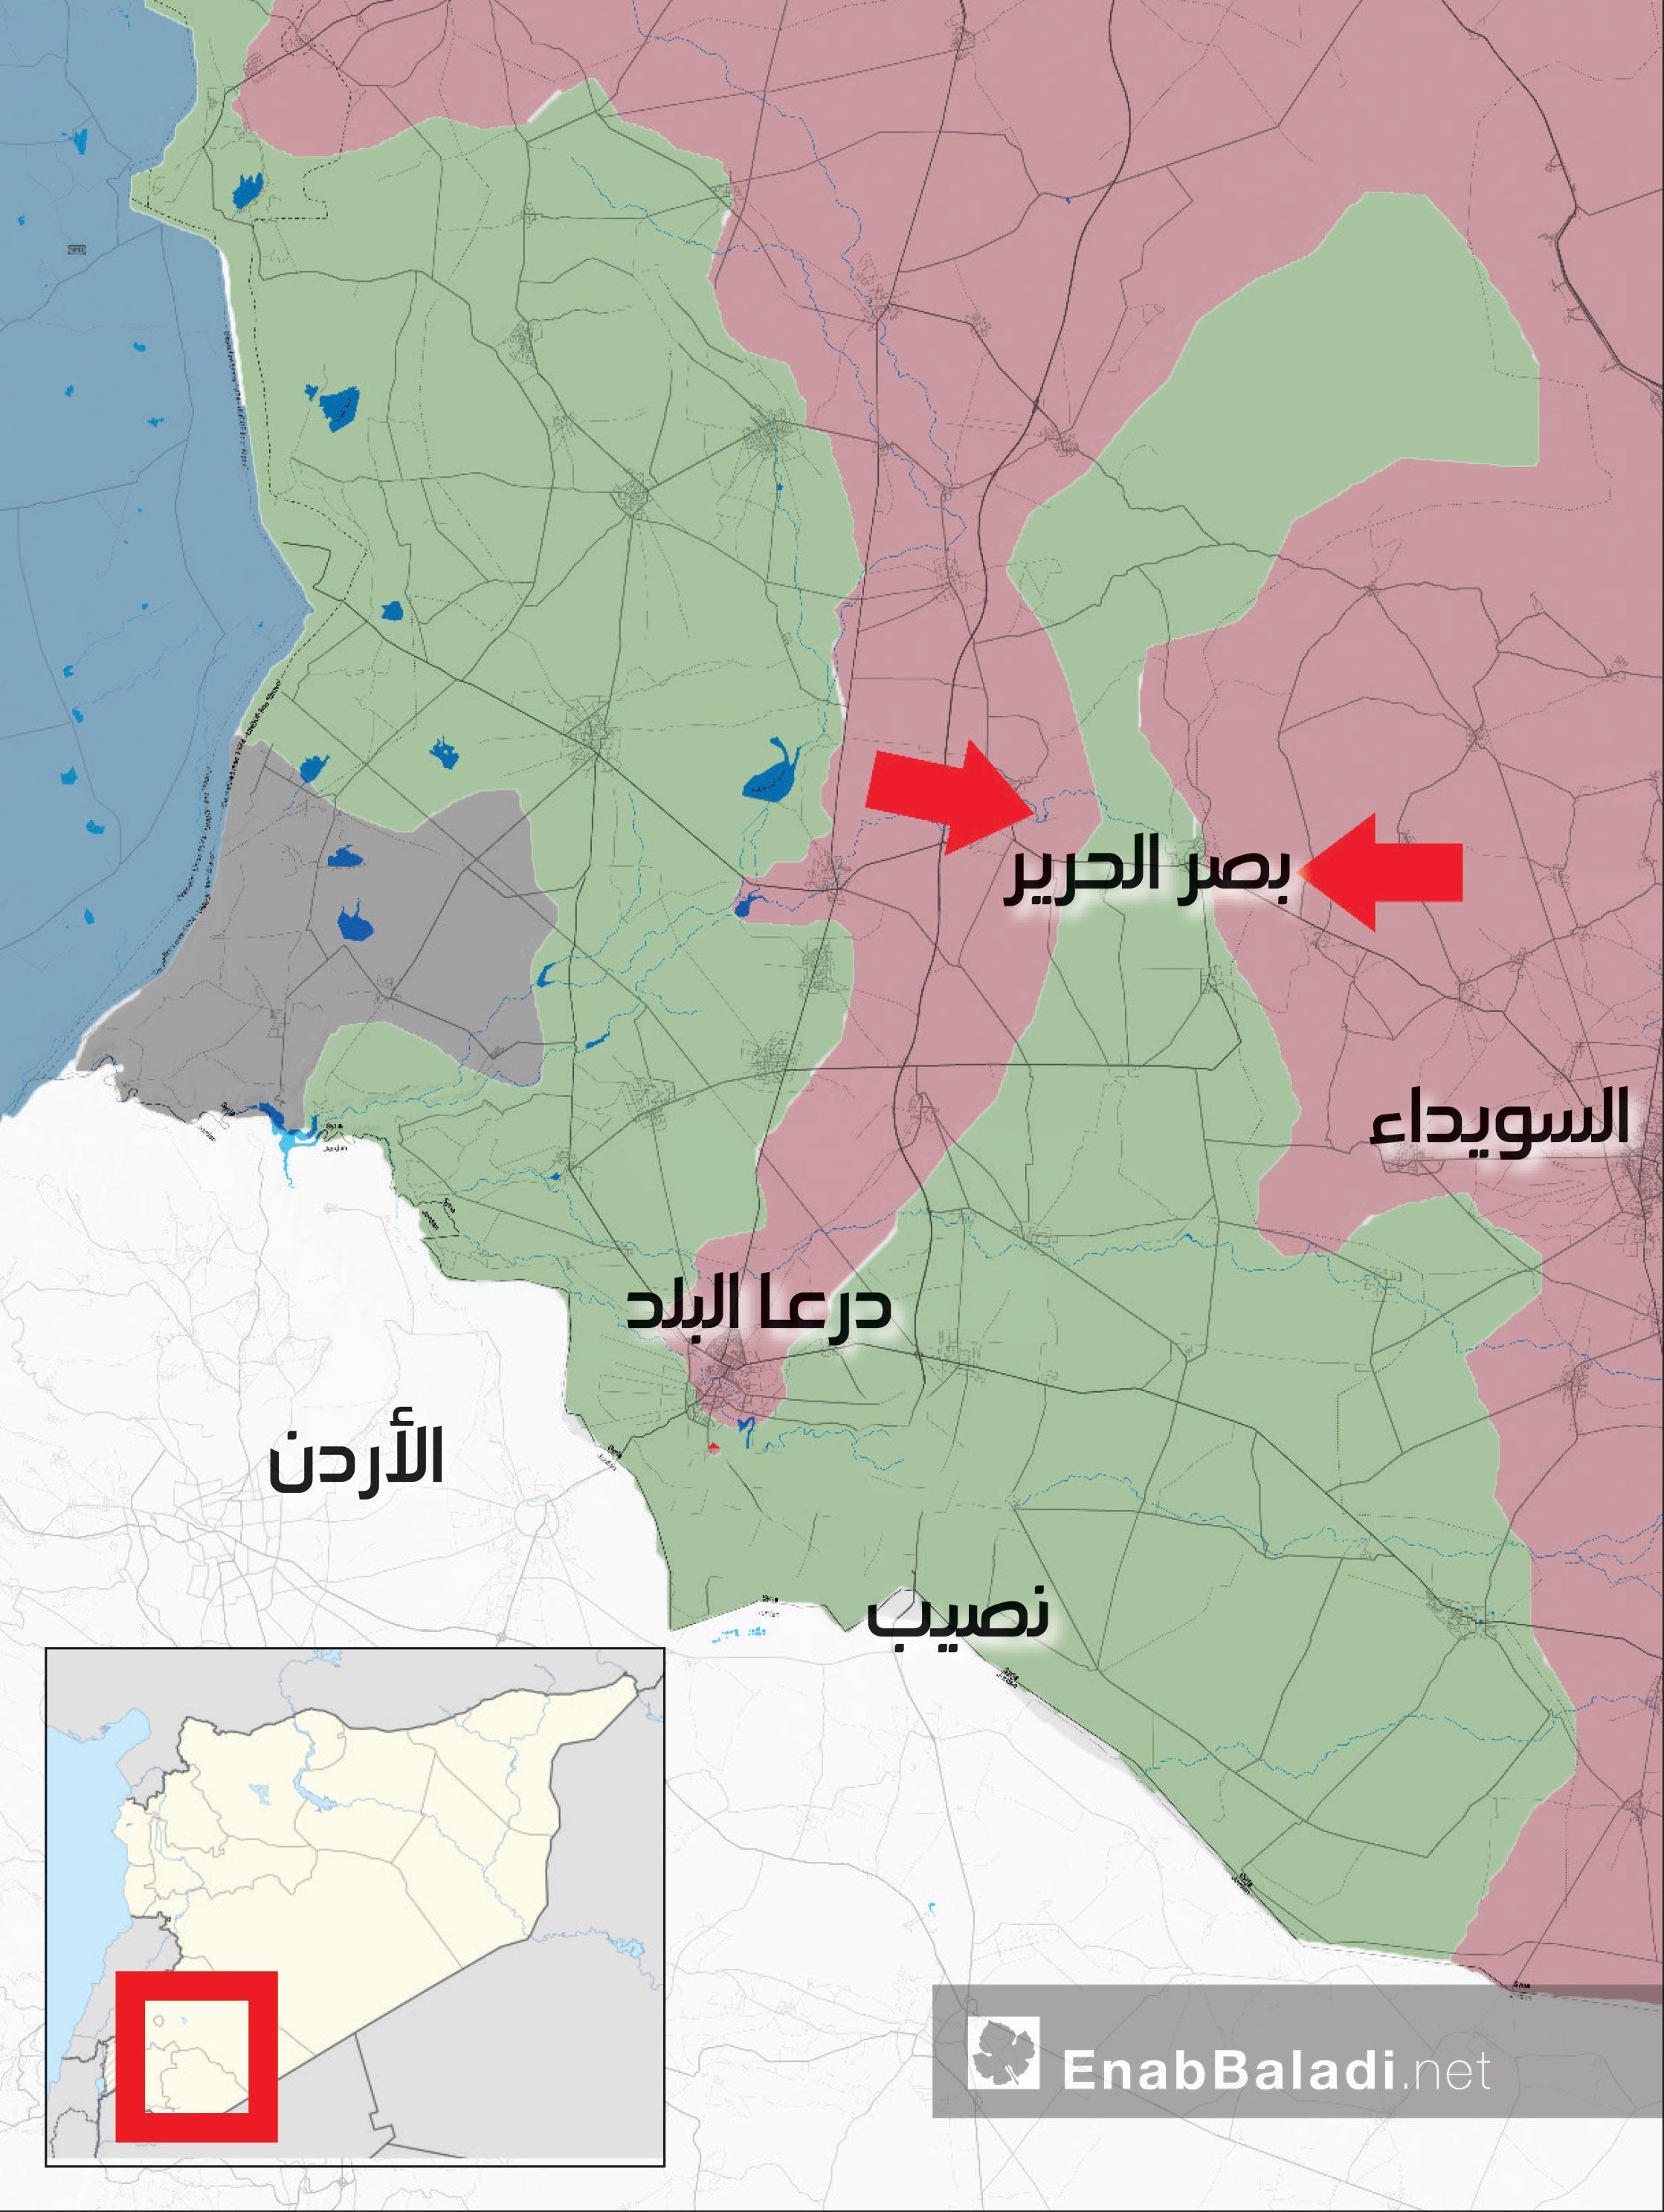 خريطة توضح المحاور التي من المتوقع أن تبدأ قوات الأسد معاركها لعزل اللجاة - 19 من حزيران 2018 (عنب بلدي)